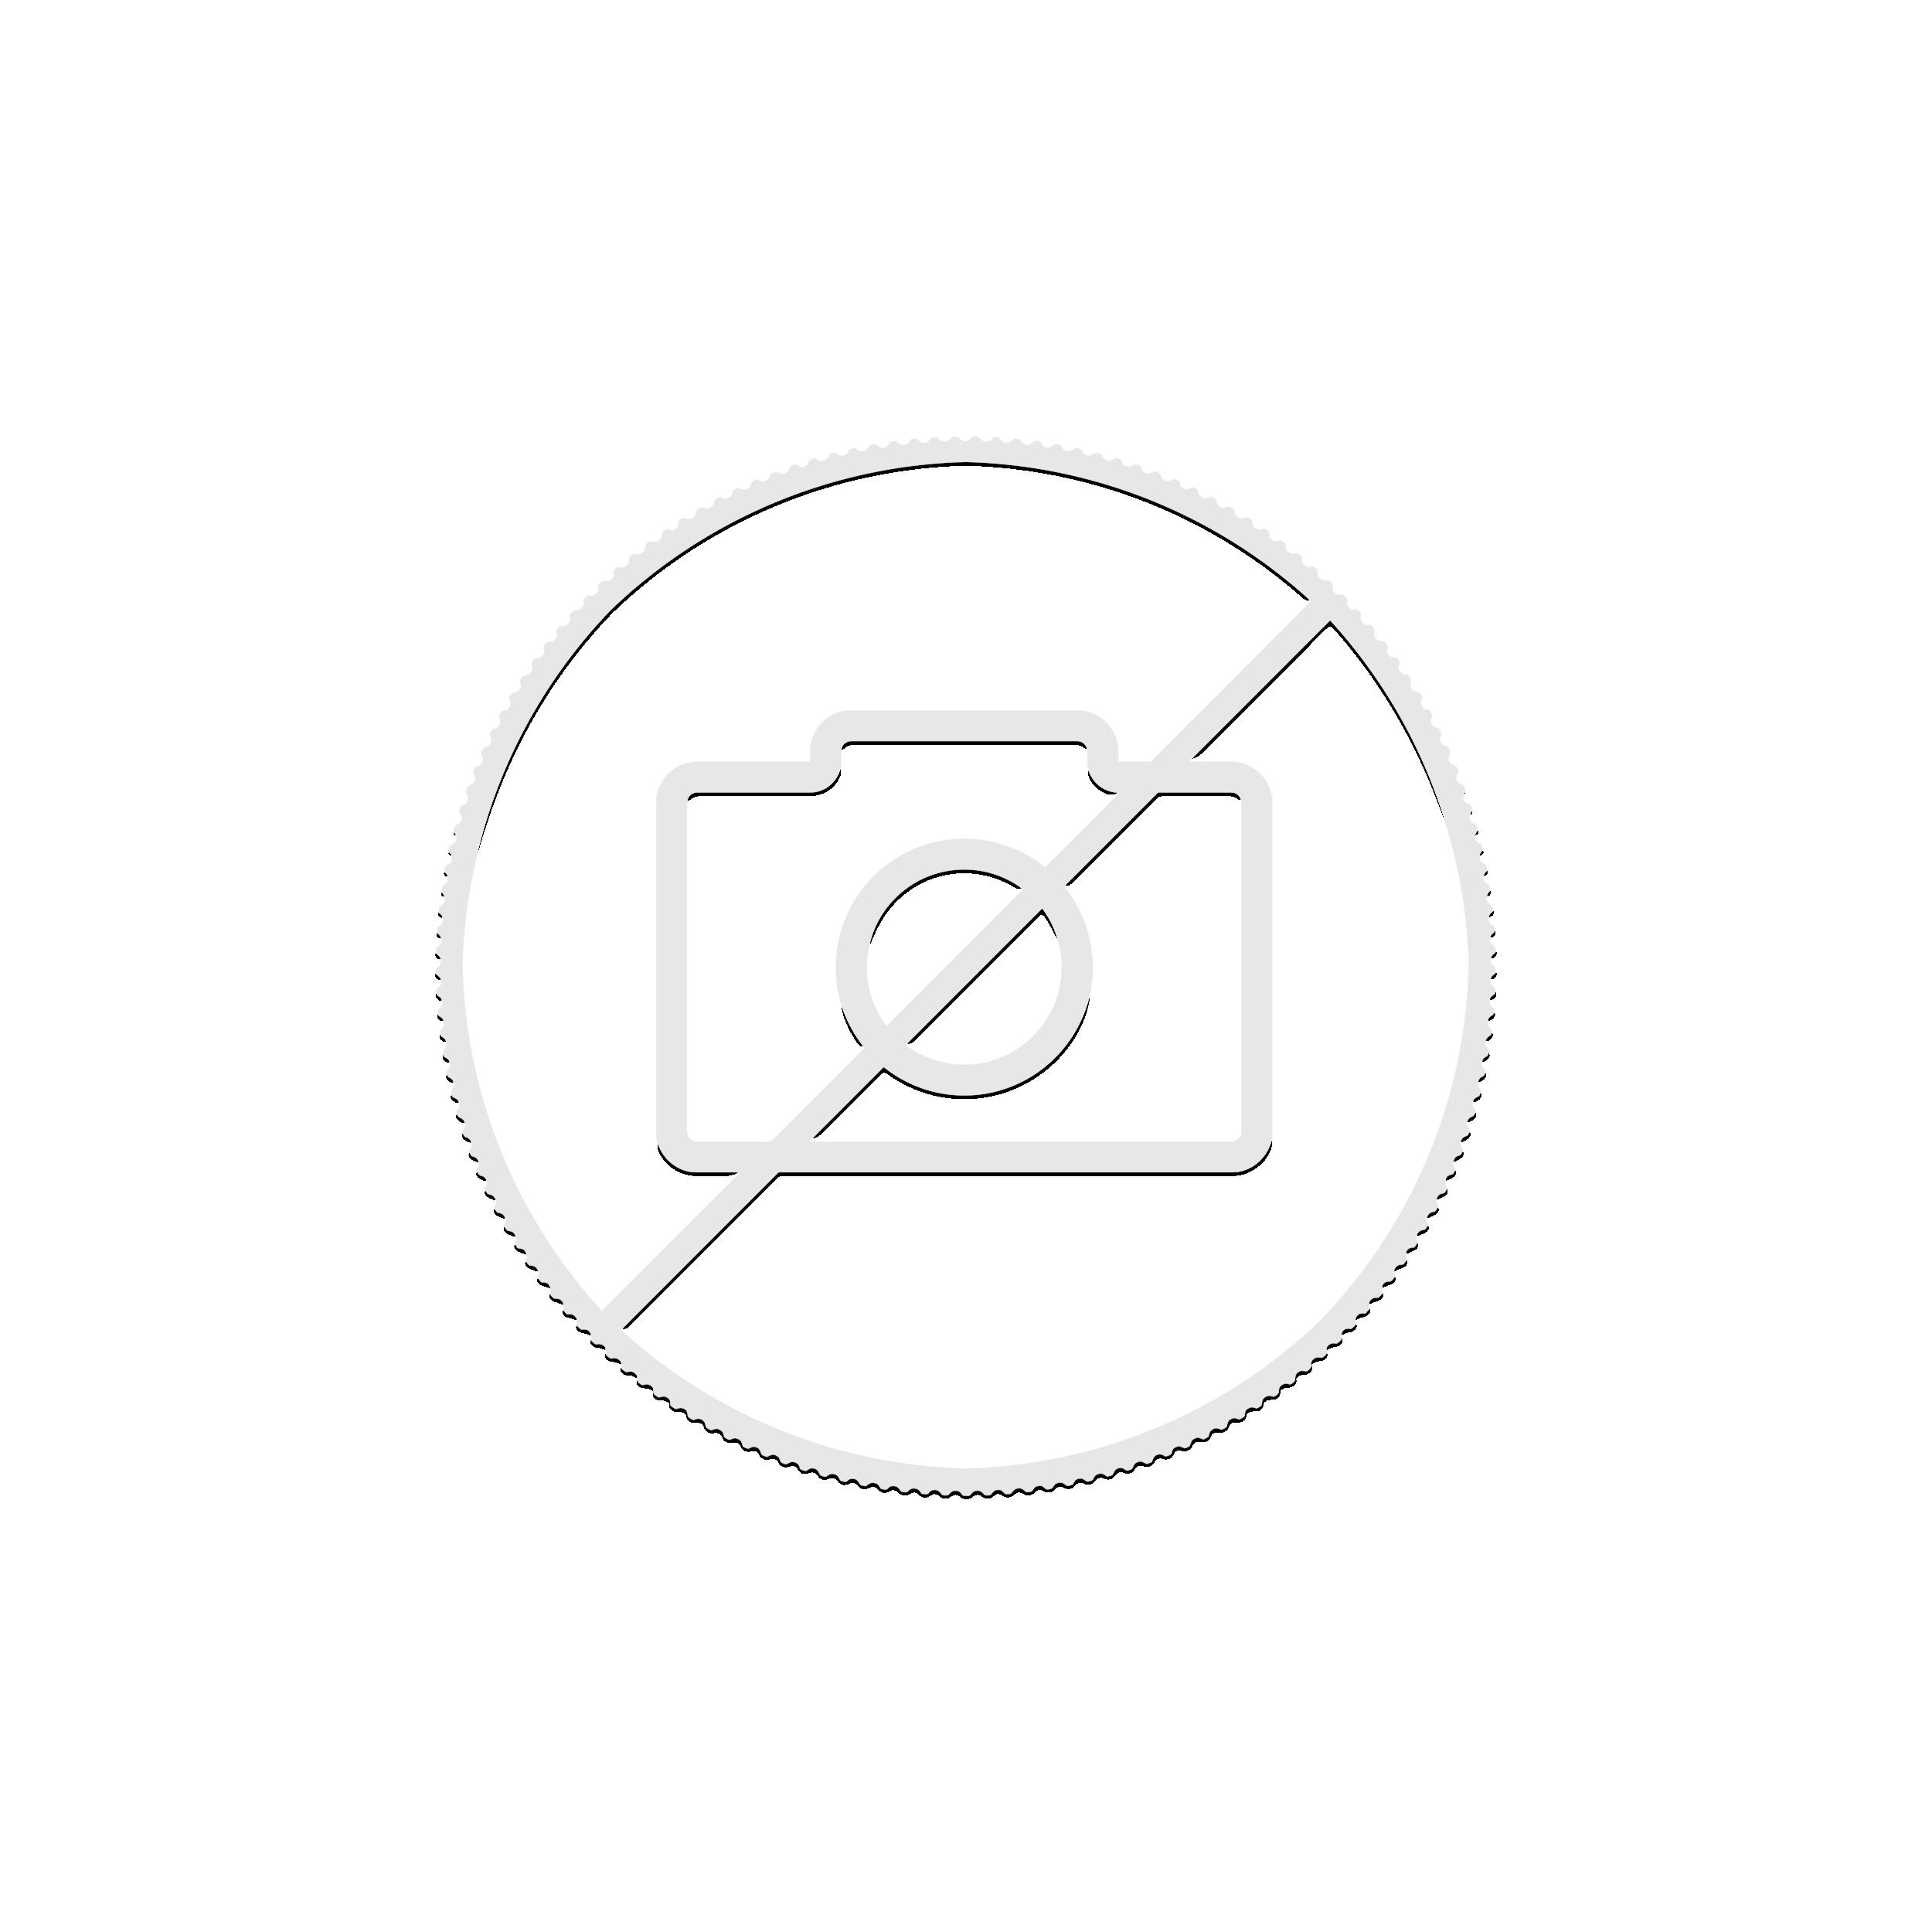 Zilveren munt nakomeling Piedfort 2021 Proof